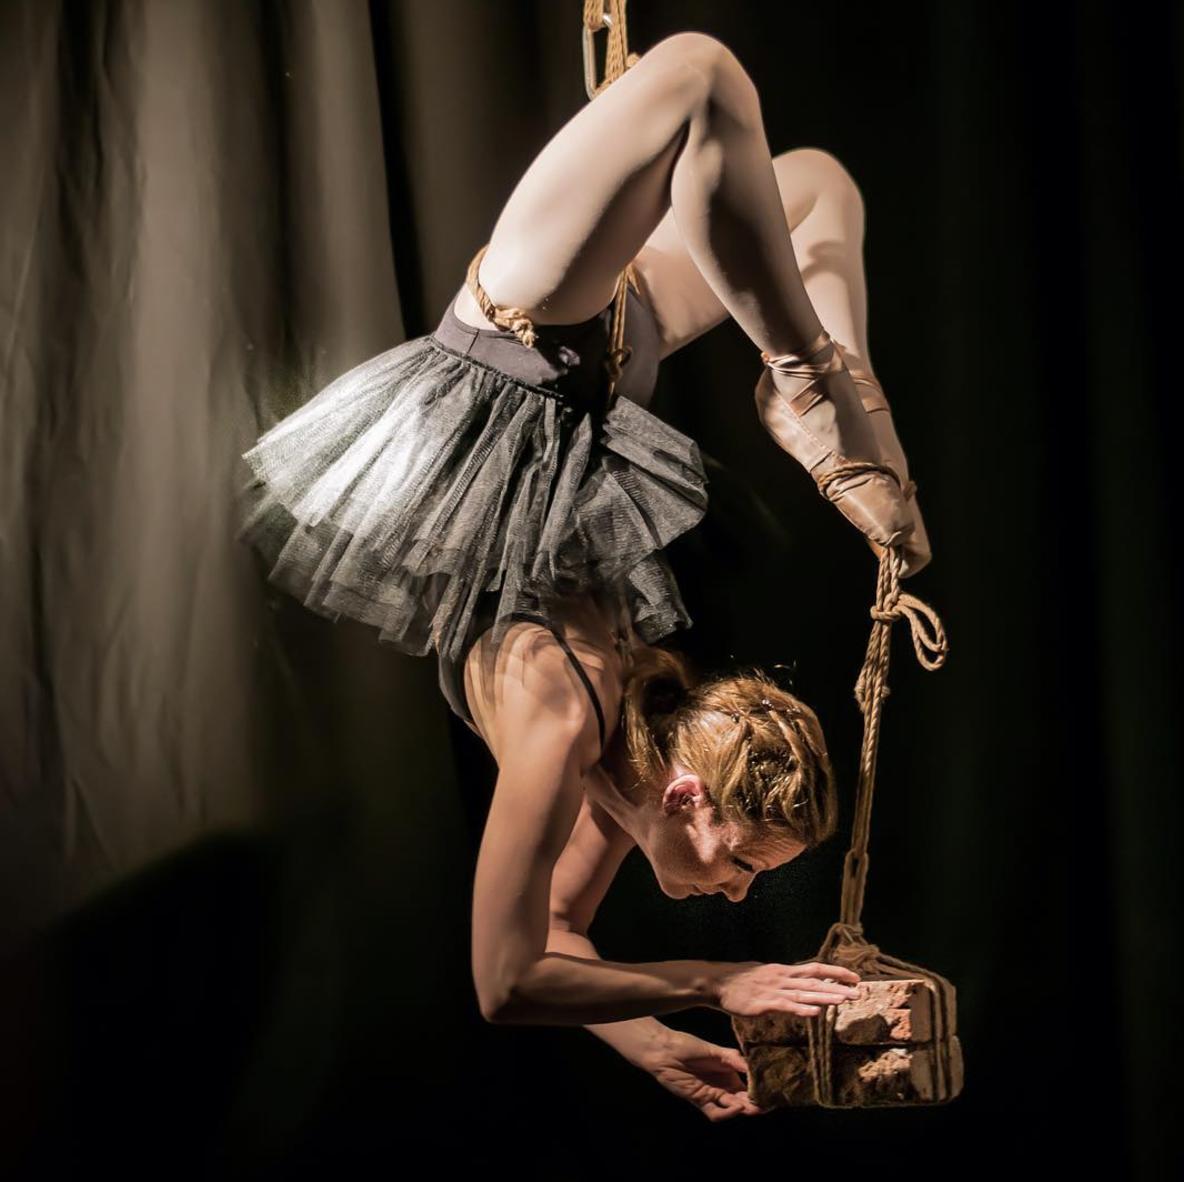 novaya-bdsm-balerini-podves-bolshoy